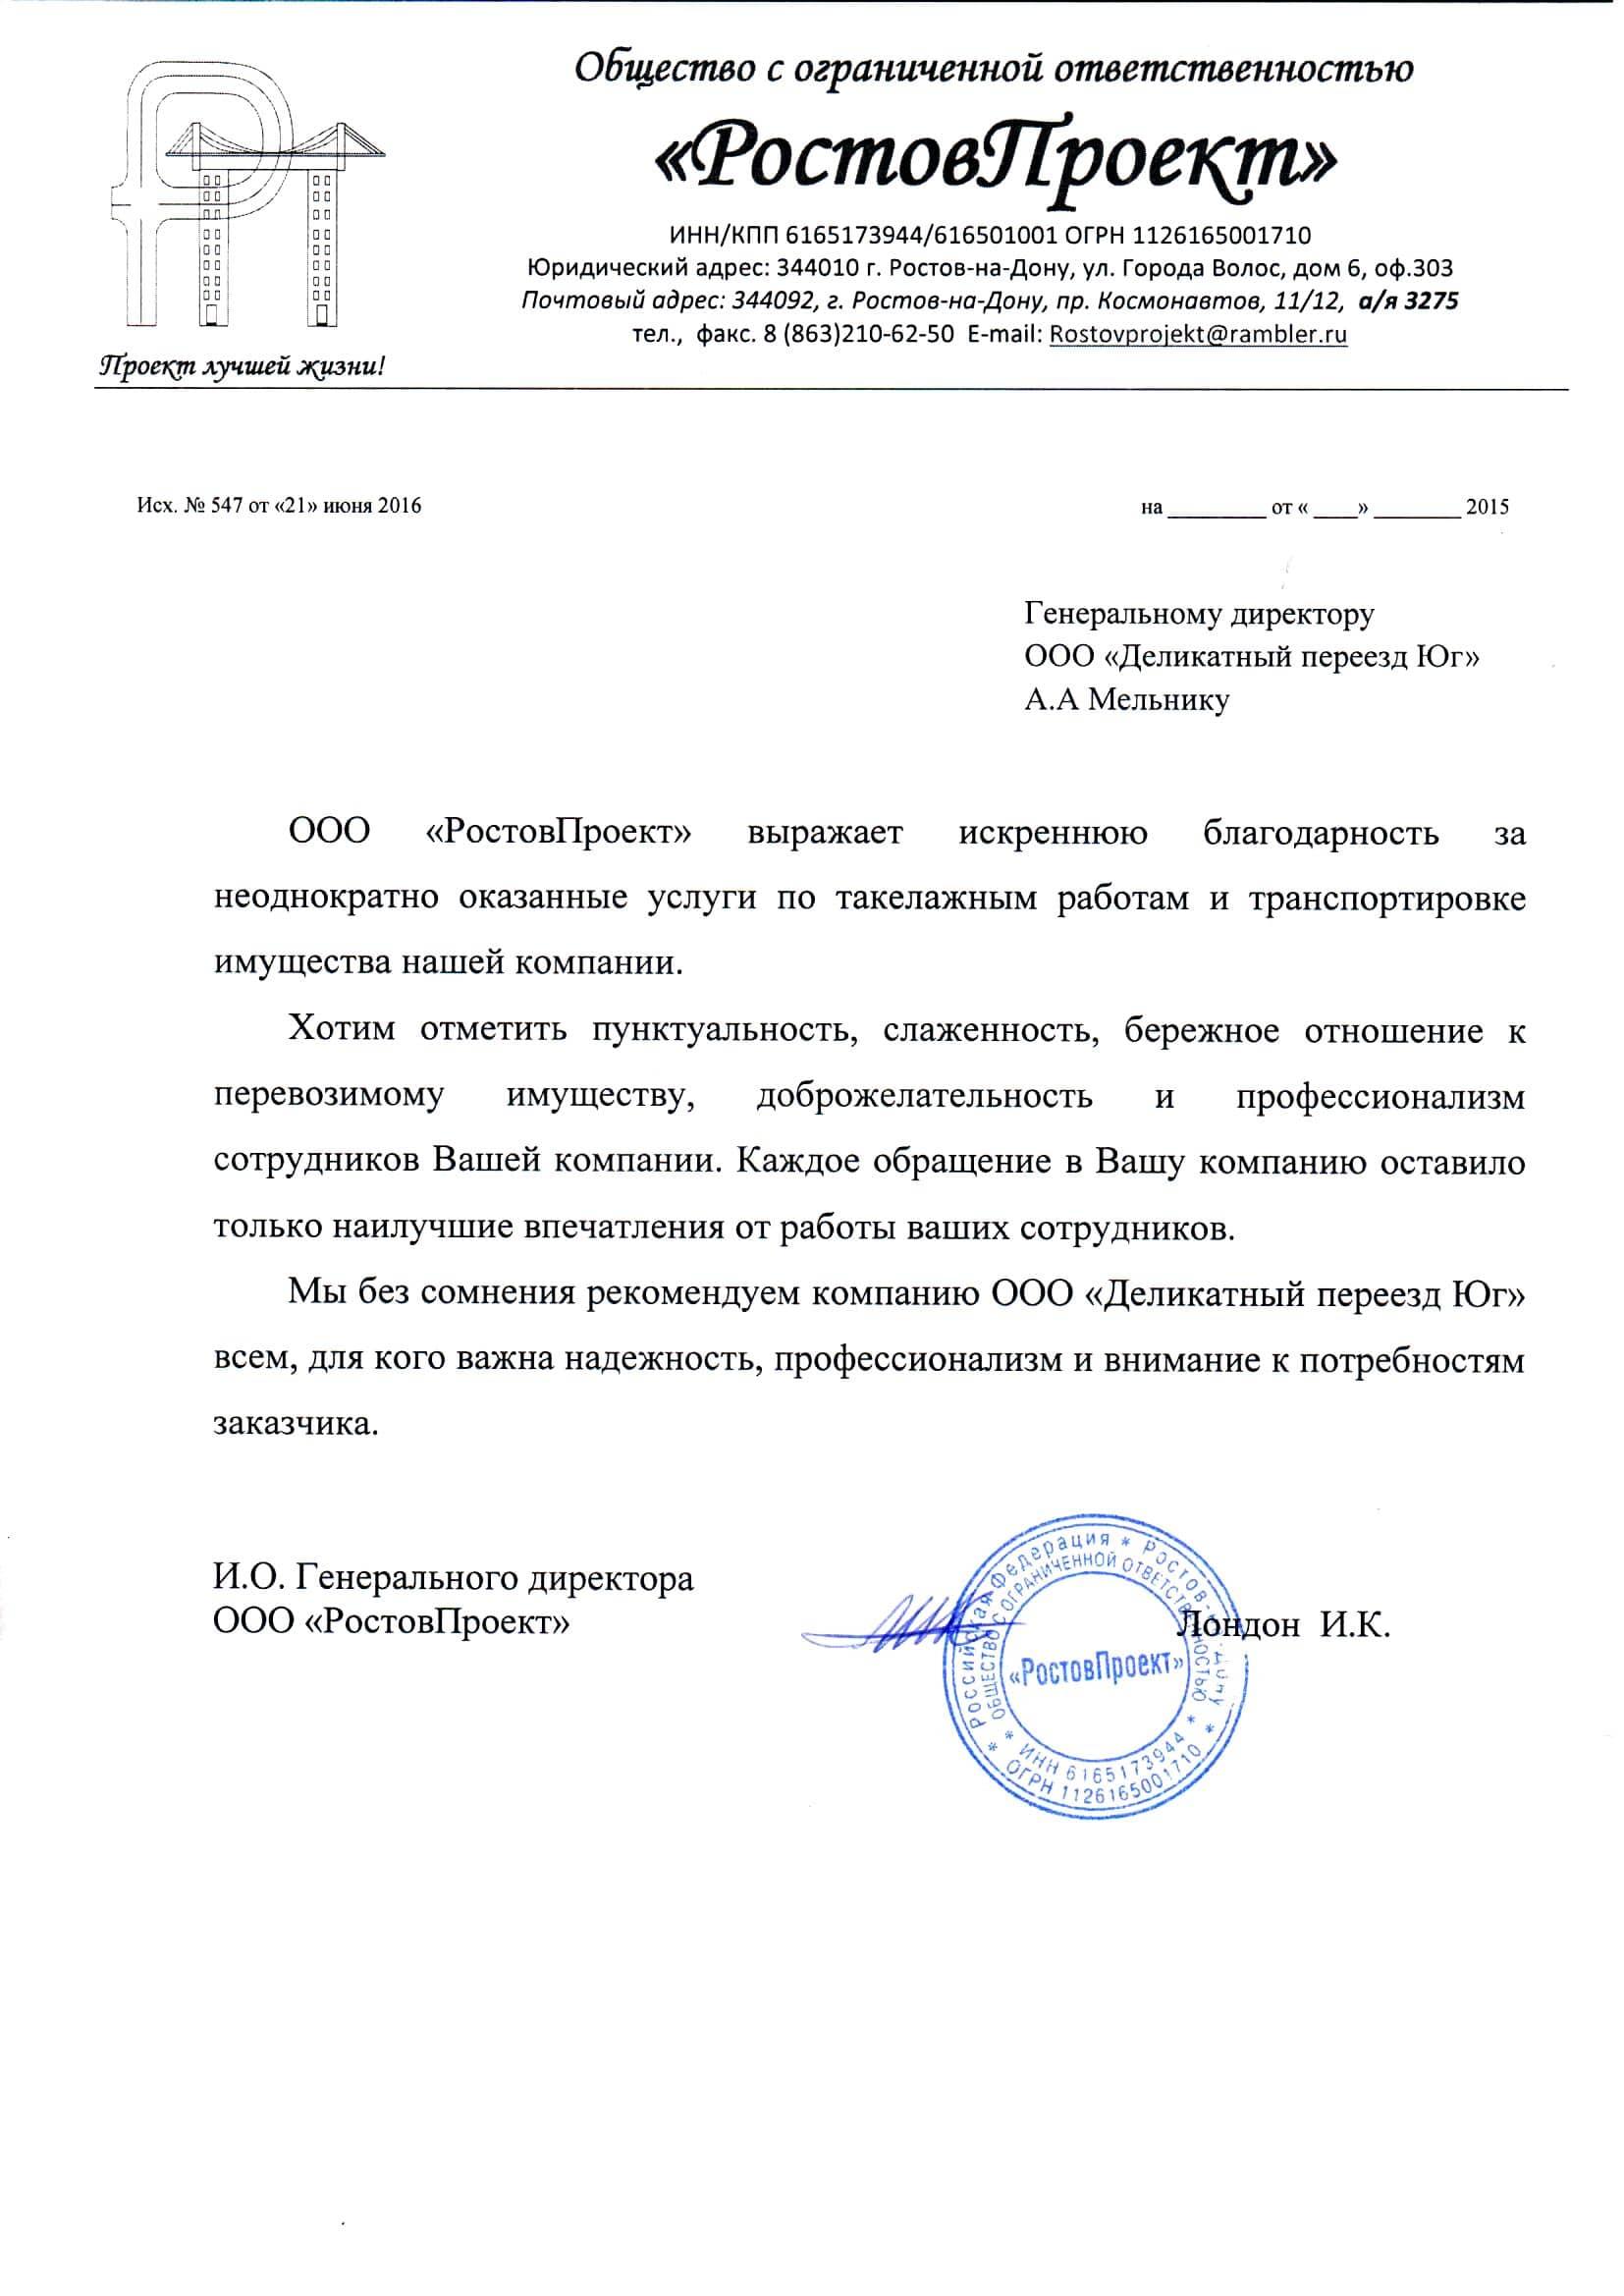 Благодарственное письмо от ООО «РостовПроект»